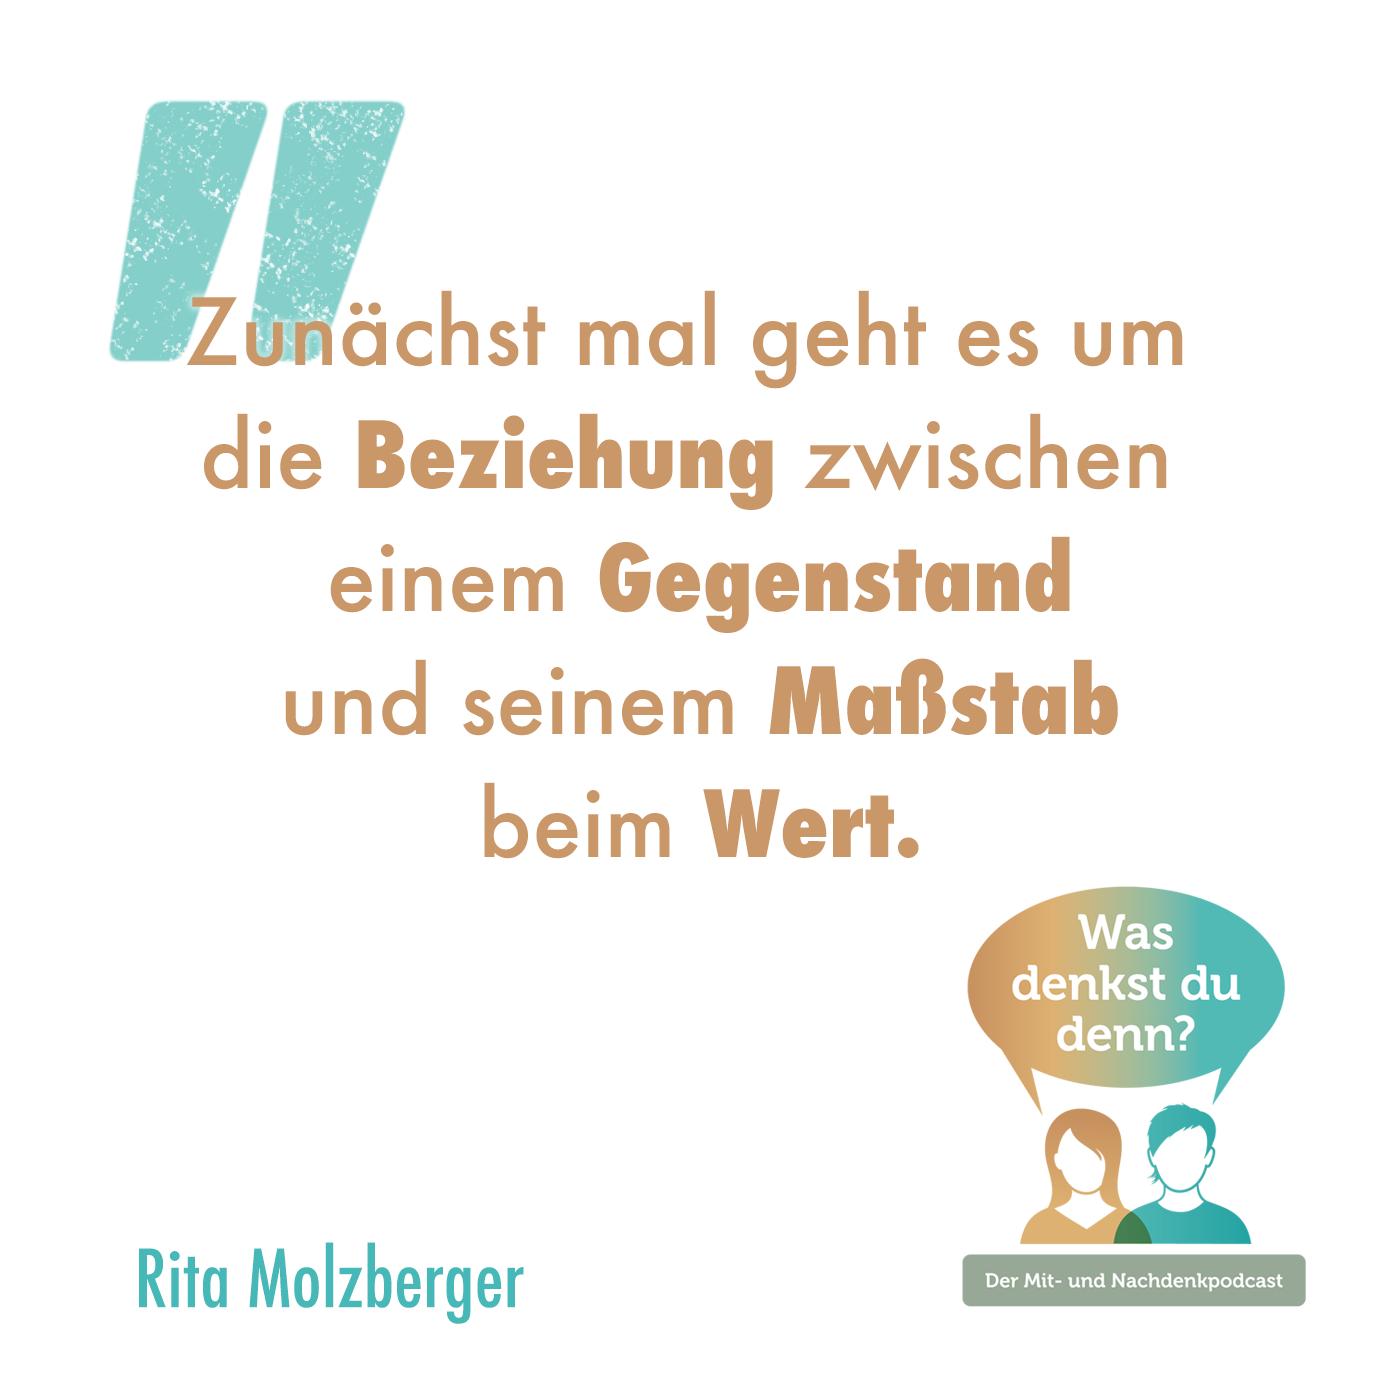 Zitat Rita Molzberger: Zunächst mal geht es um die Beziehung zwischen einem Gegenstand und seinem Maßstab beim Wert.